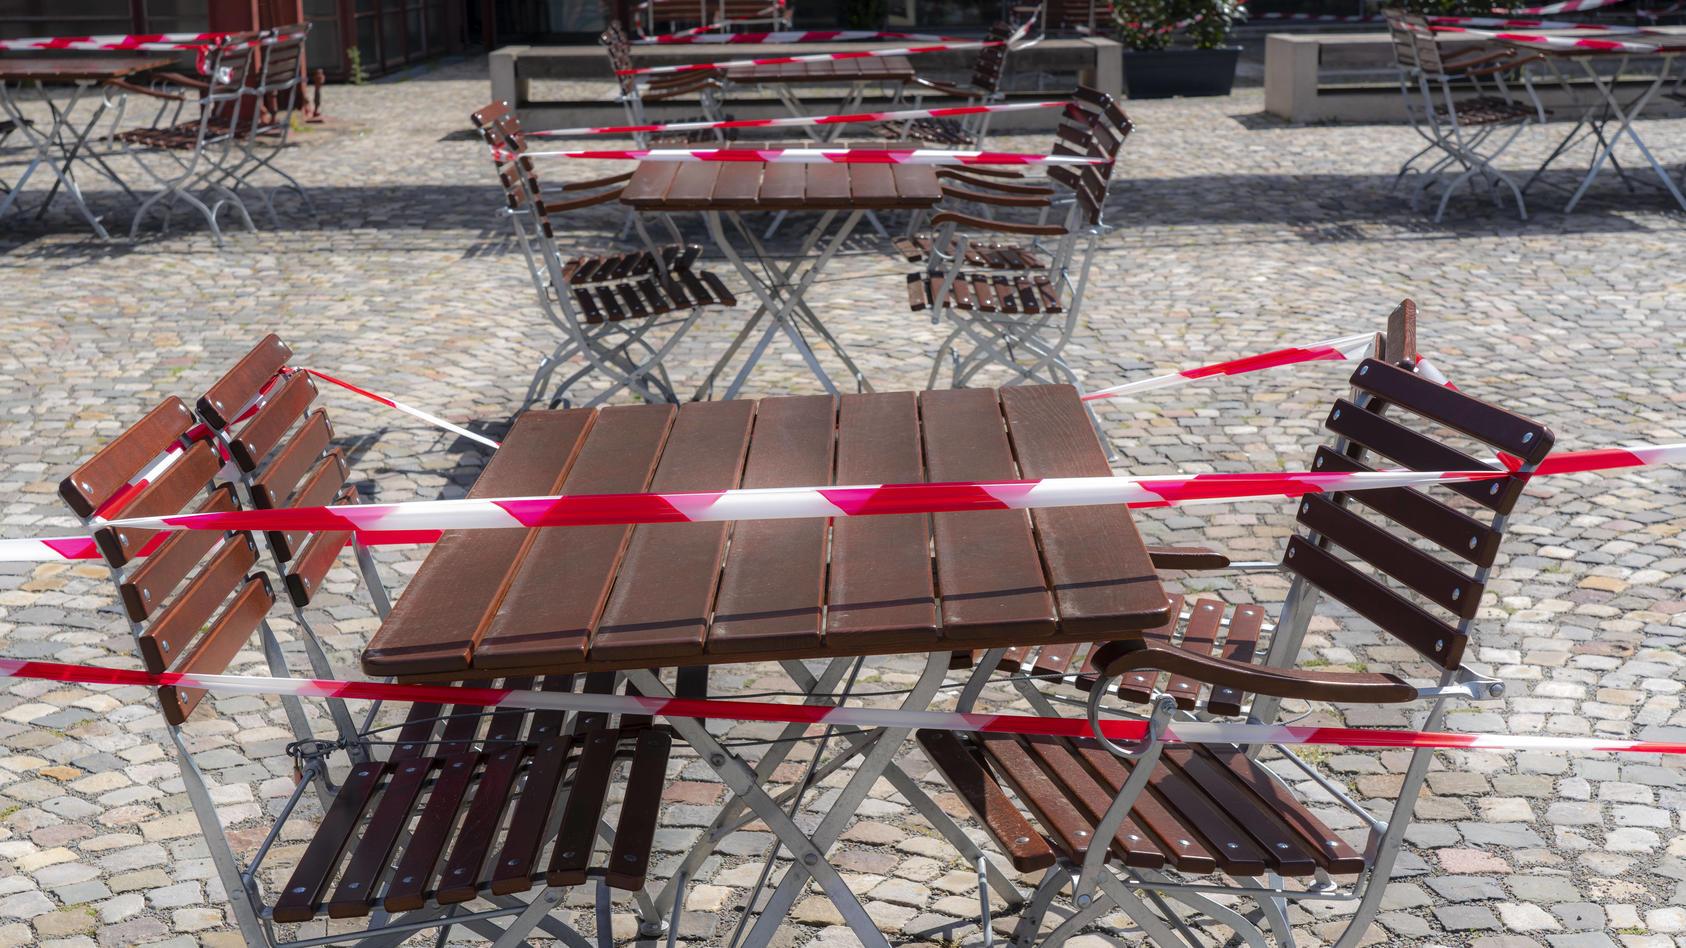 Abgesperrte Tische der Außengastronomie (Motivbild)